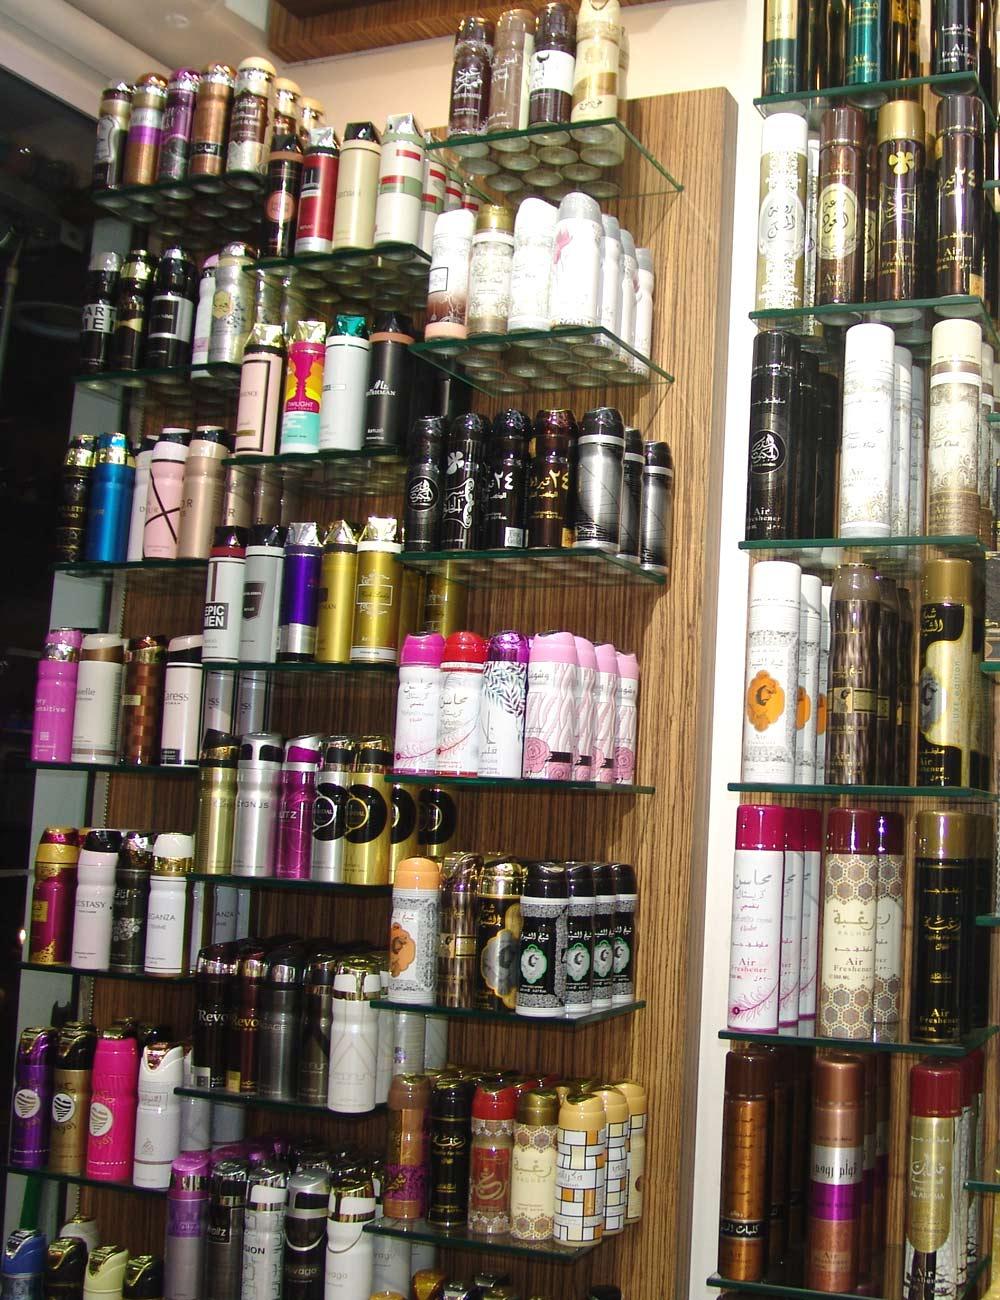 Mamlakt Al Oud PerfumeTrading - 2.jpg